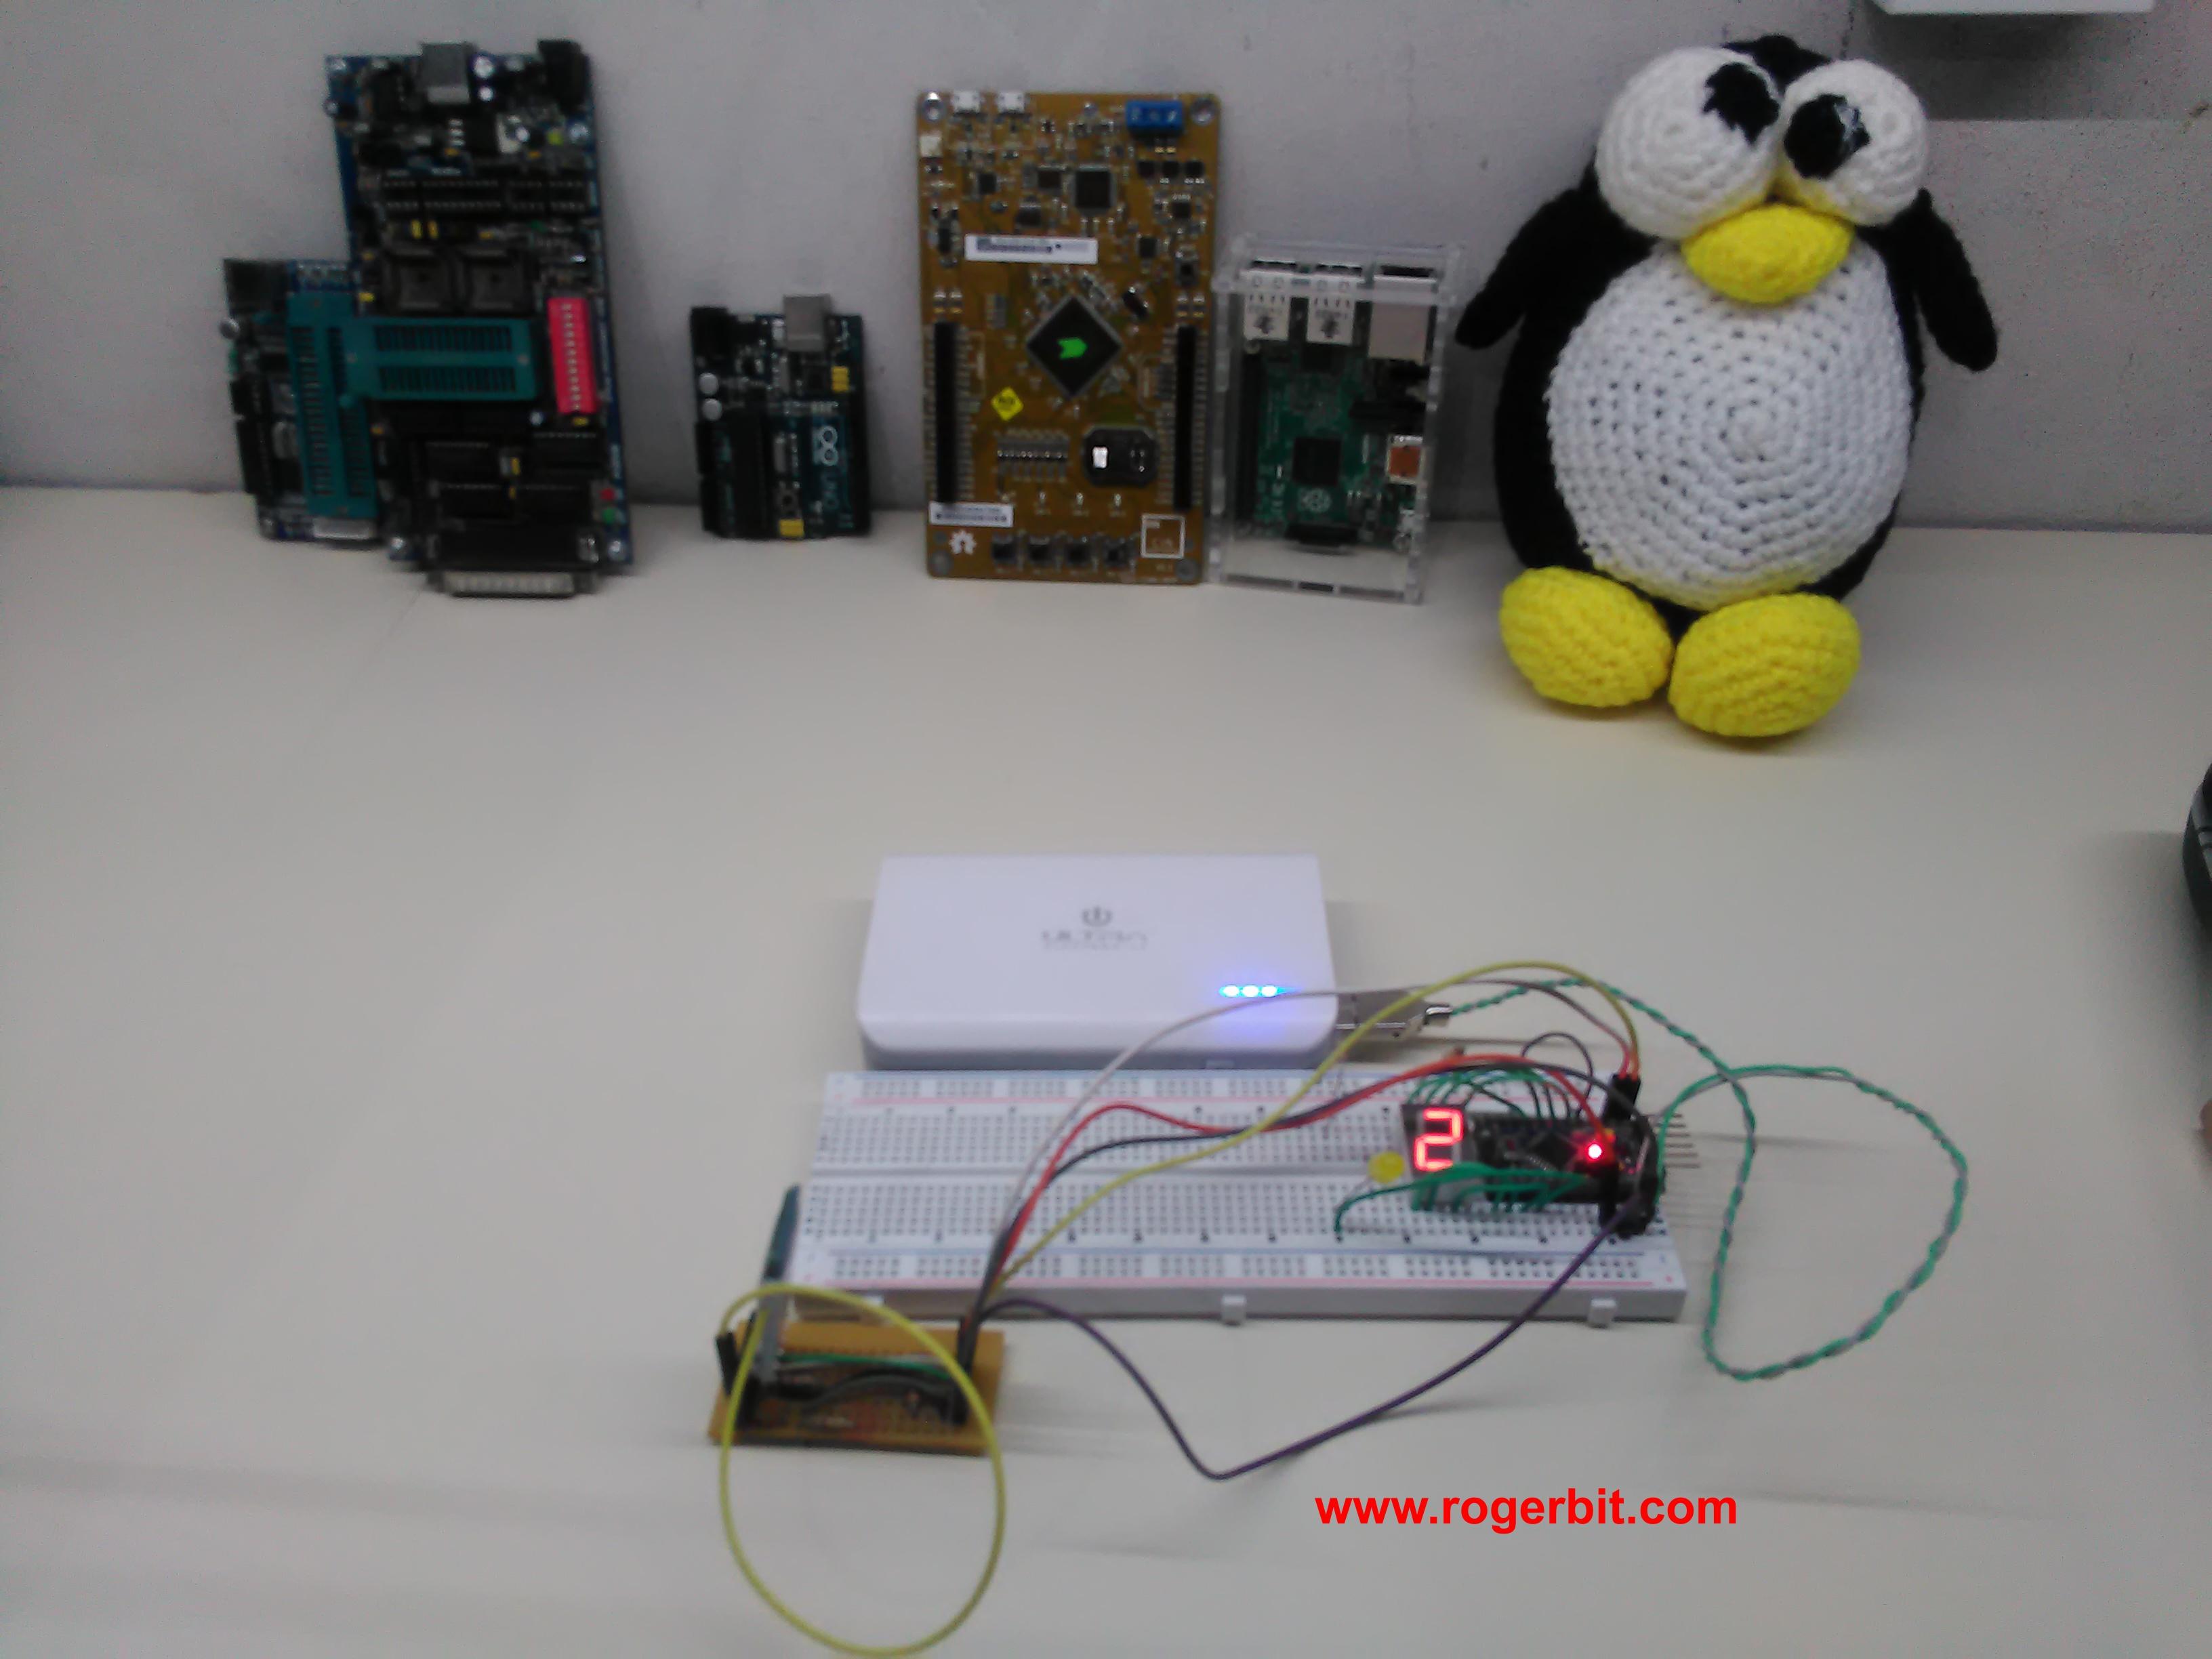 Como cargar sketch de arduino por bluetooth sin cable